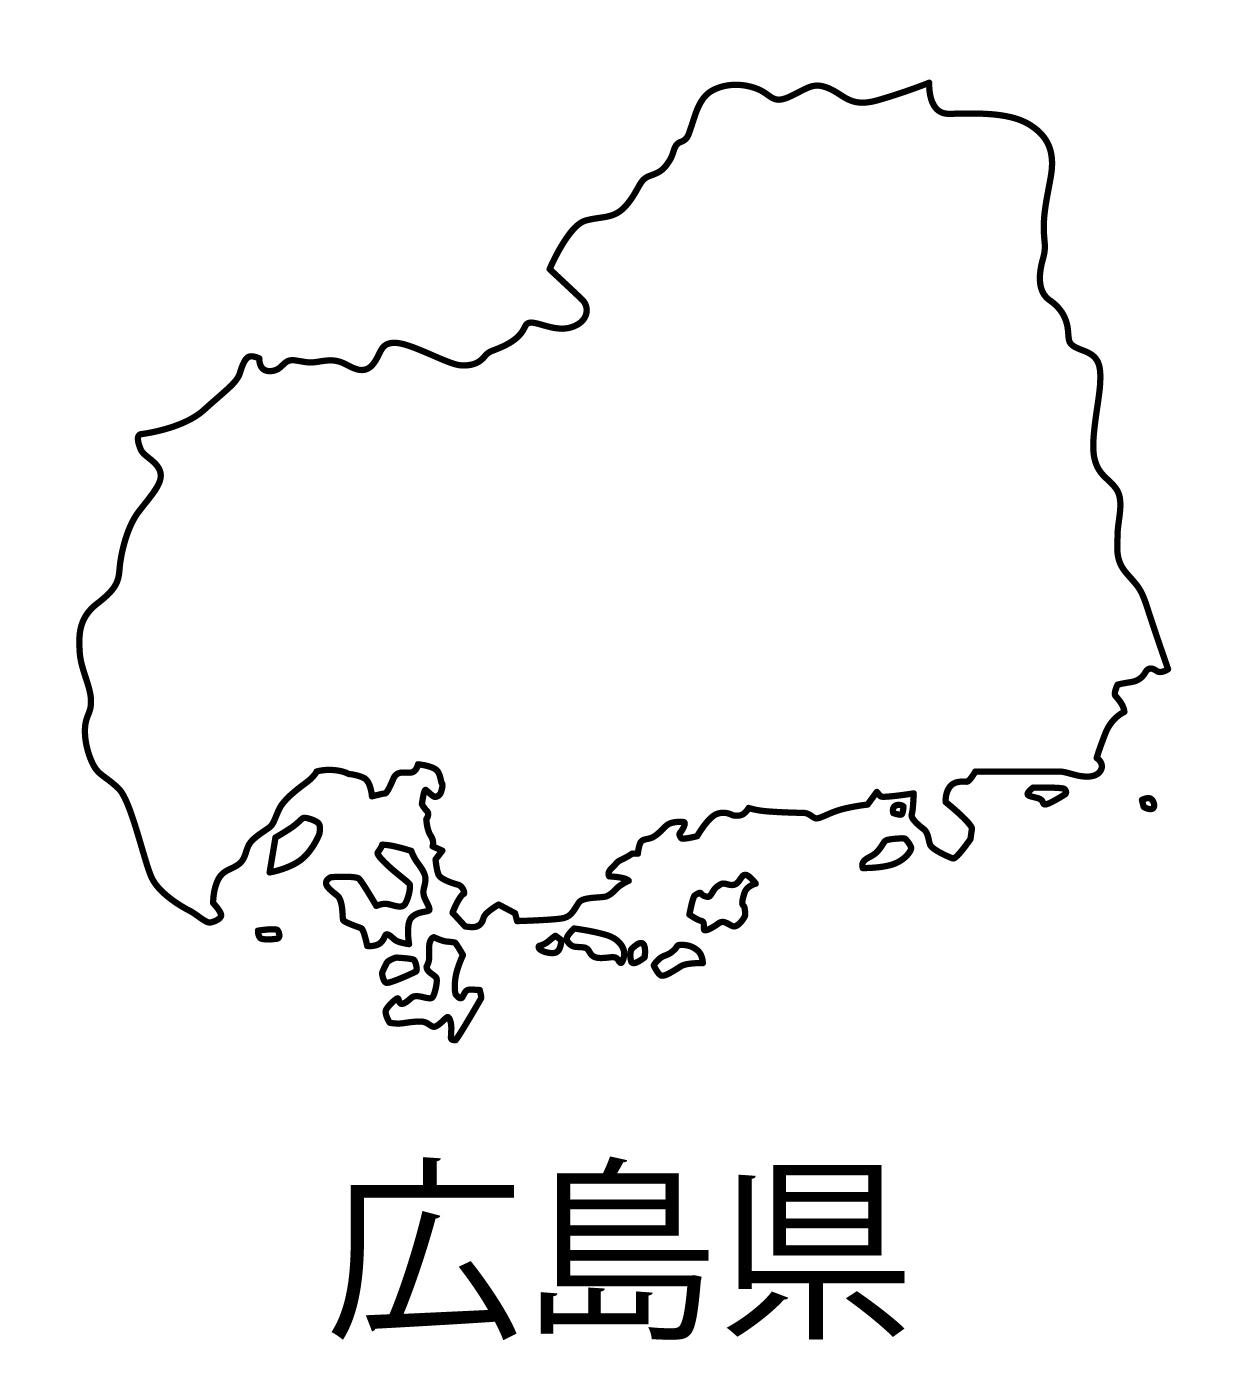 広島県無料フリーイラスト|日本語・都道府県名あり(白)